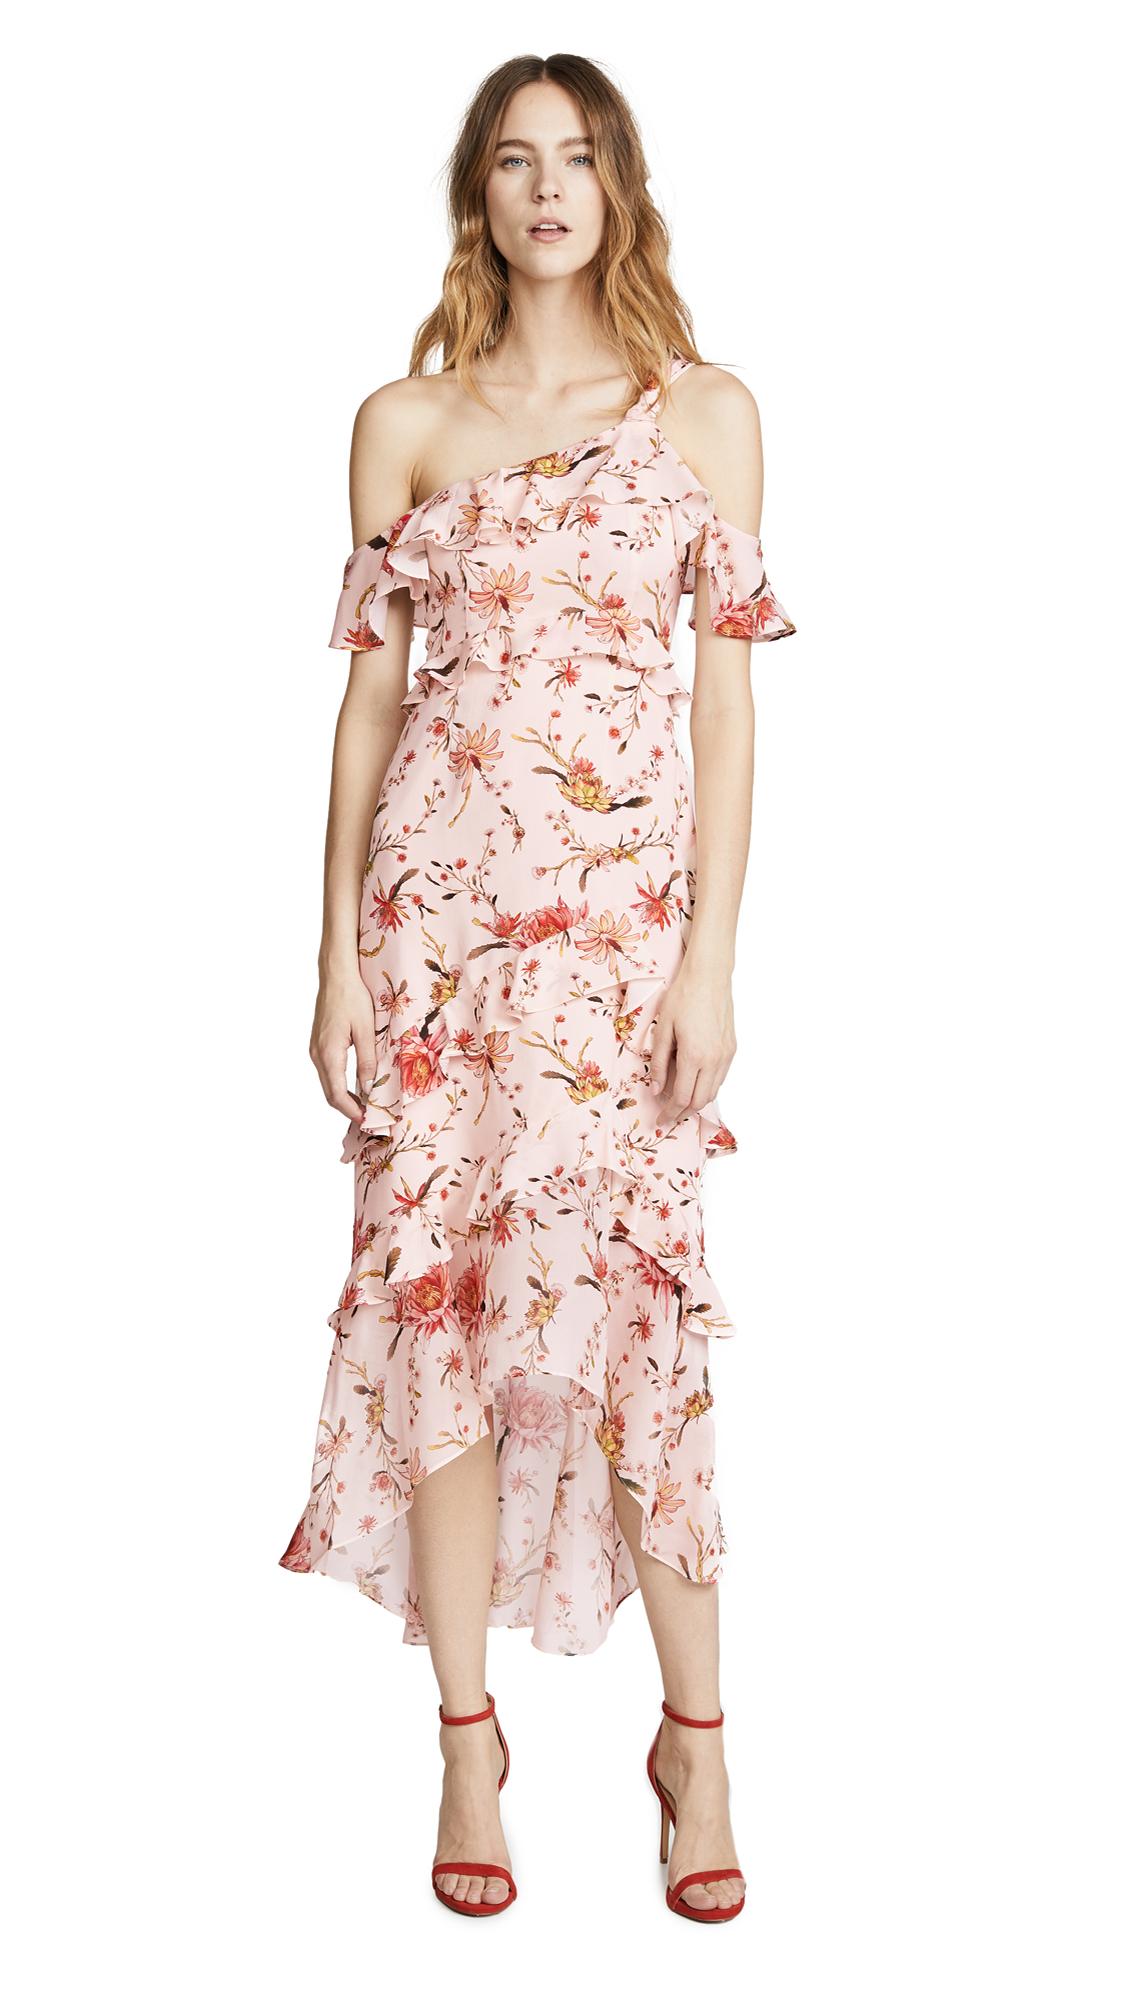 Rachel Zoe Jillian Dress